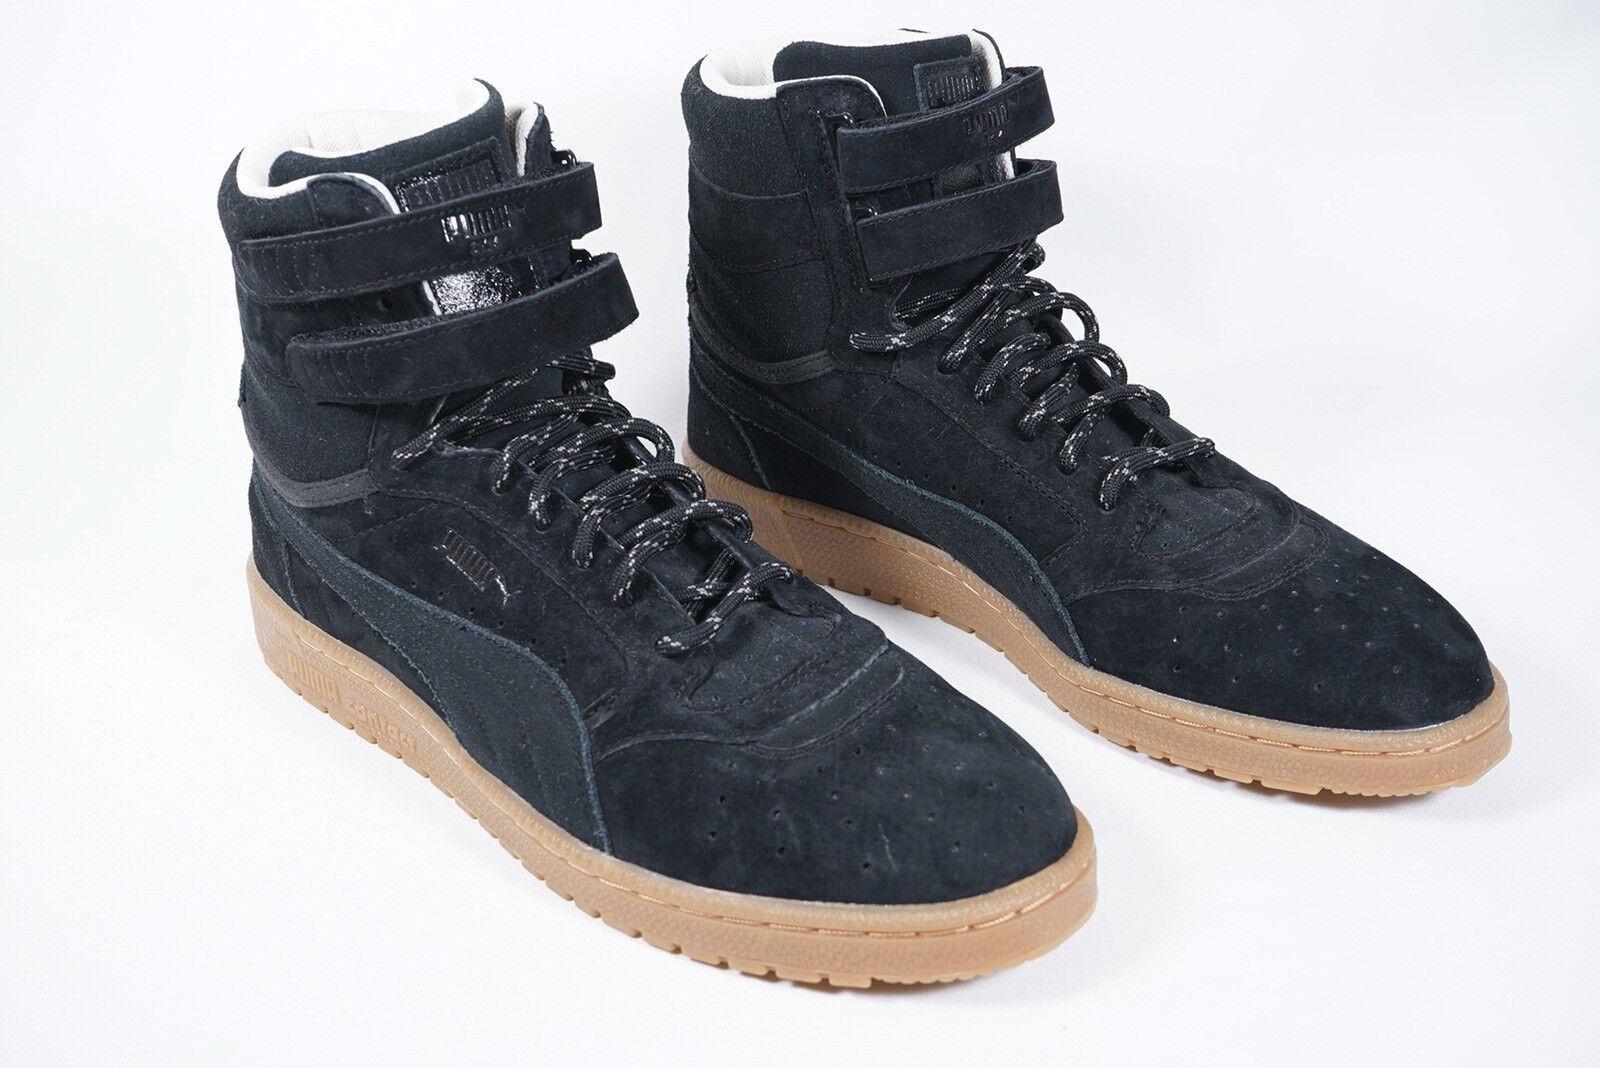 Puma Mens Black Sky II Hi Winterised Dual Strap Lace Up Sneakerboots Sz 10.5 NEW